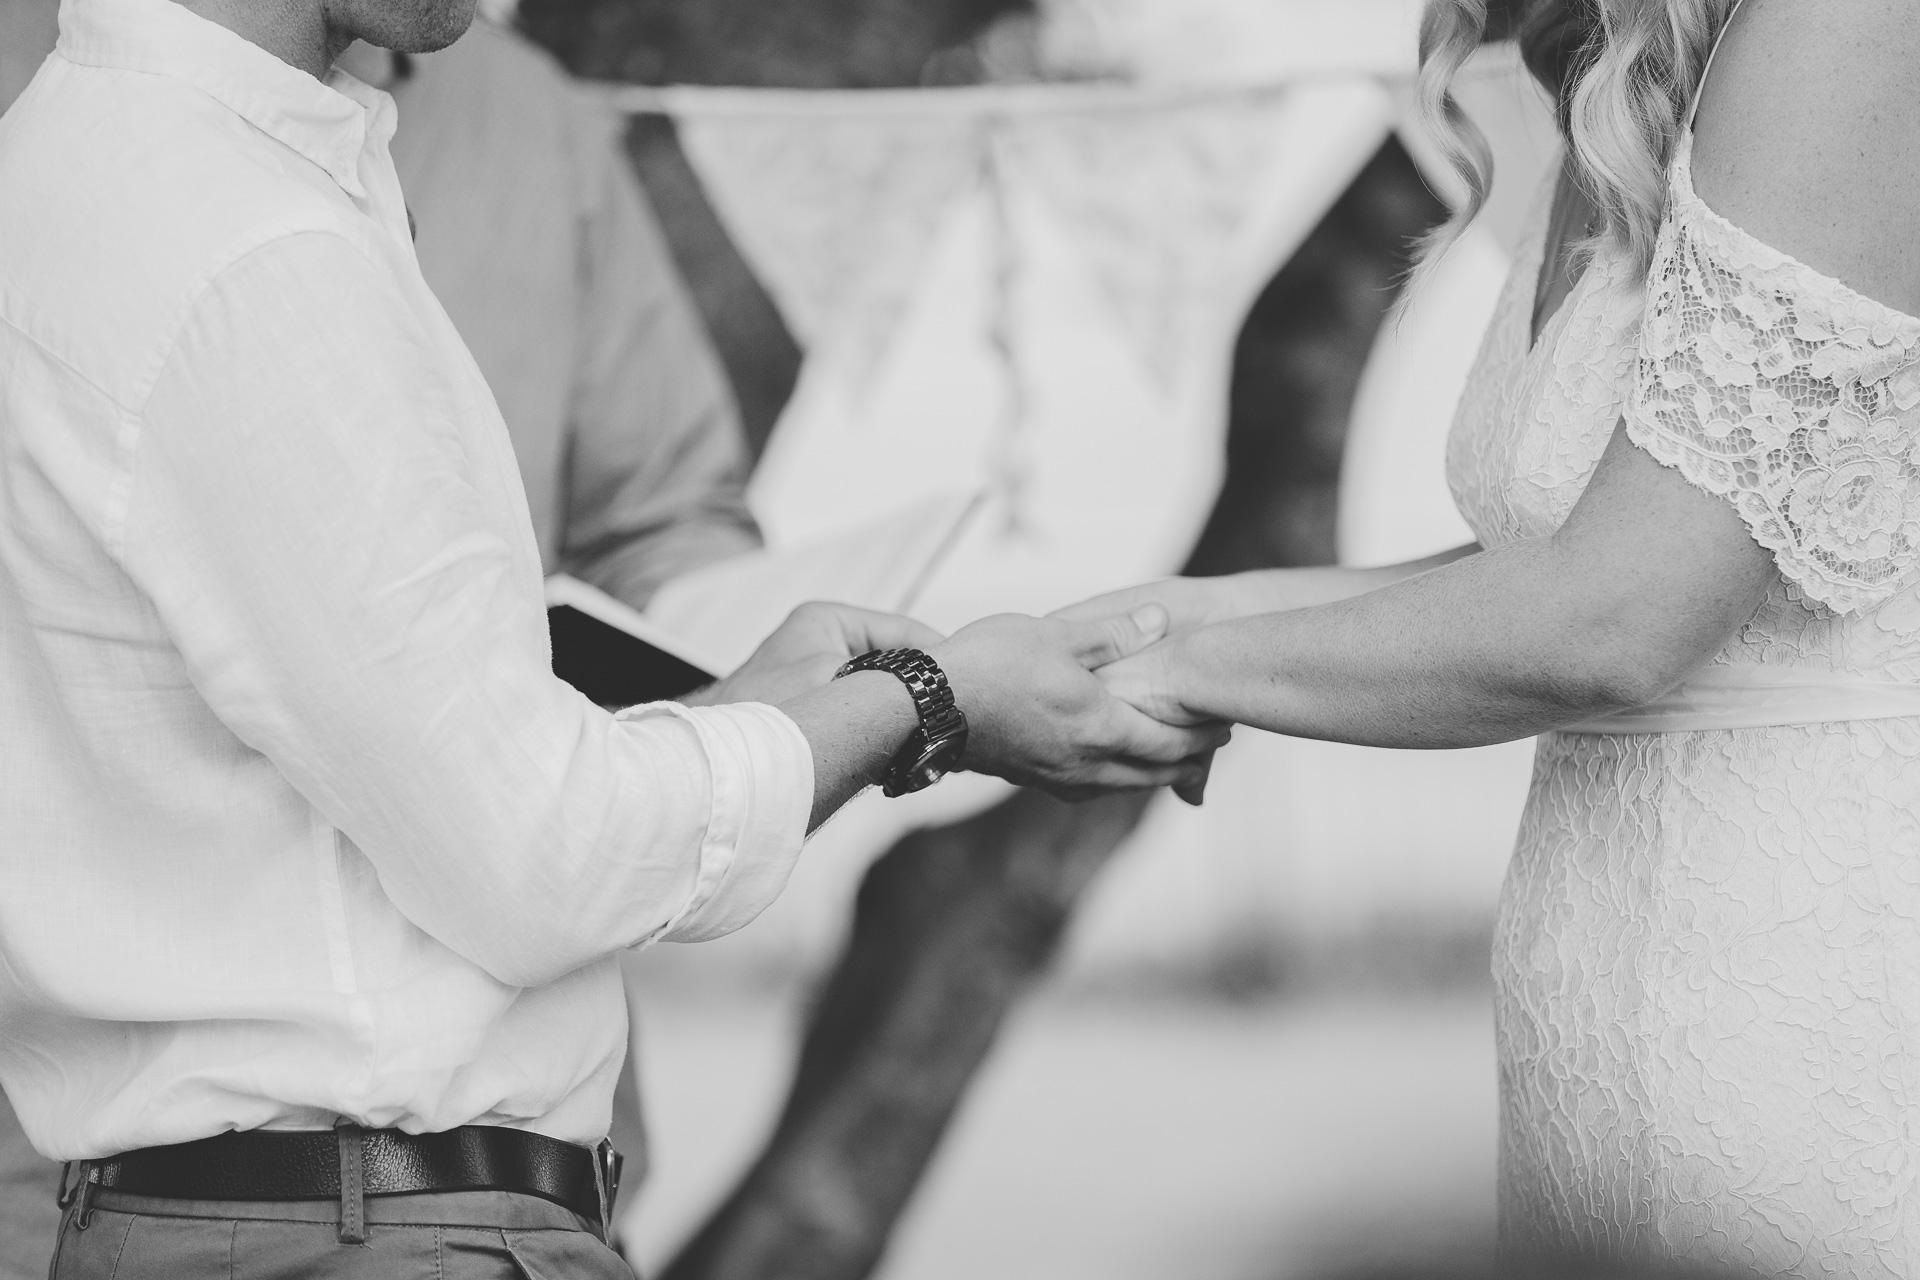 20161125 - Sublime+Point+Wedding+Beth+Ian | 097-2.jpg